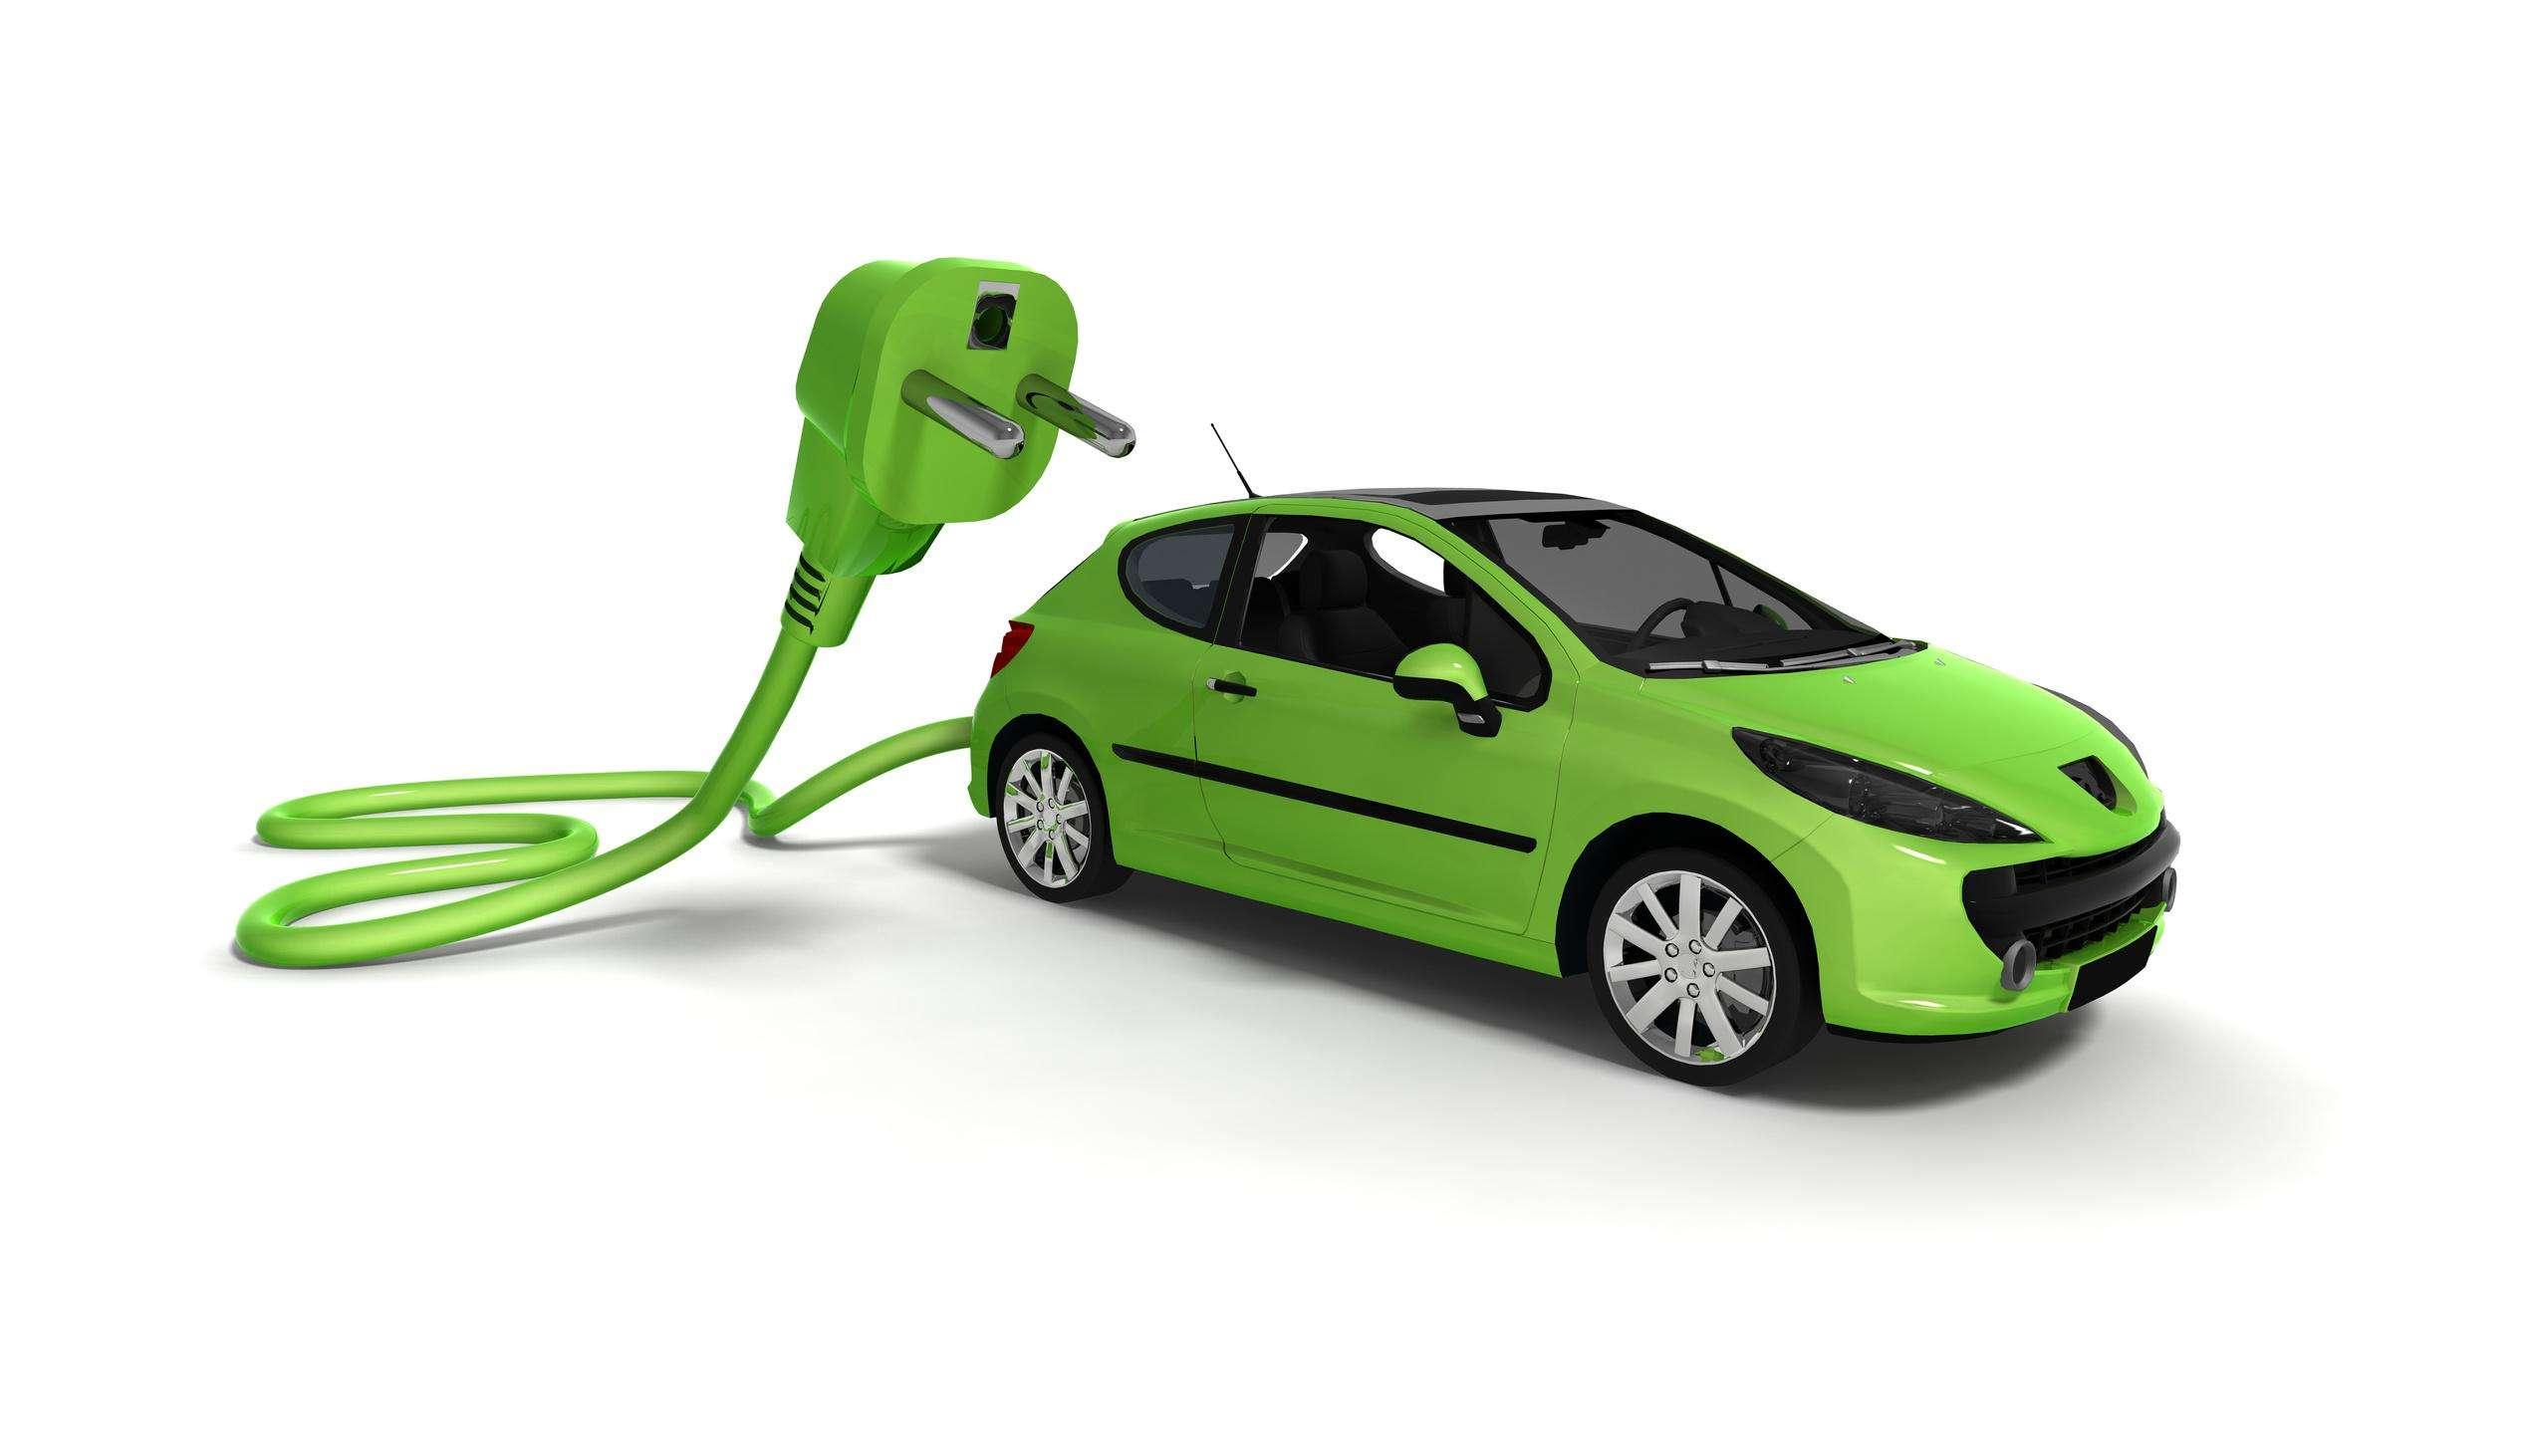 新能源汽车产业发展布局加快,是大势所趋还是无可奈何?